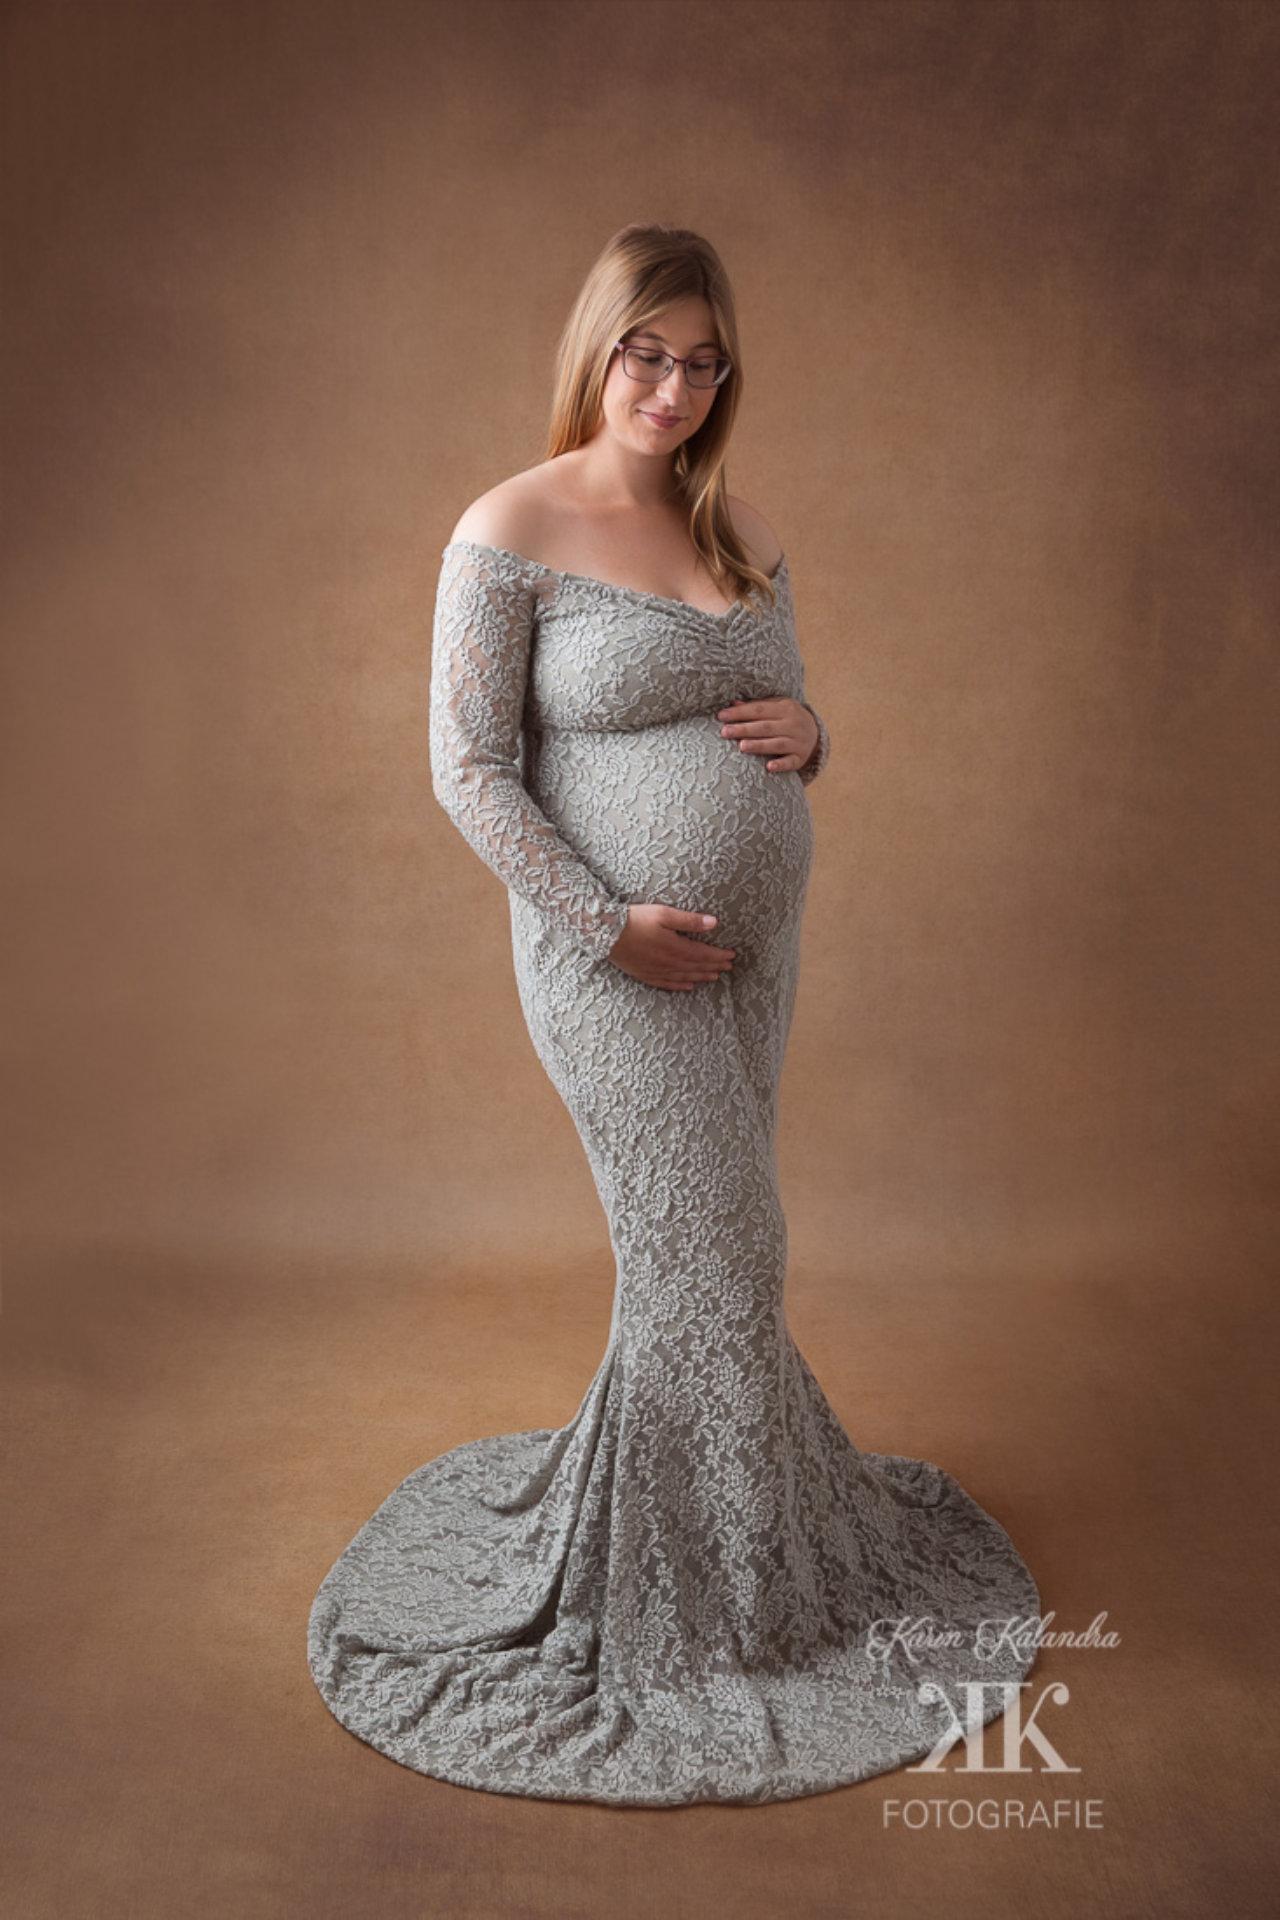 Schwangerschaftsfotos #4